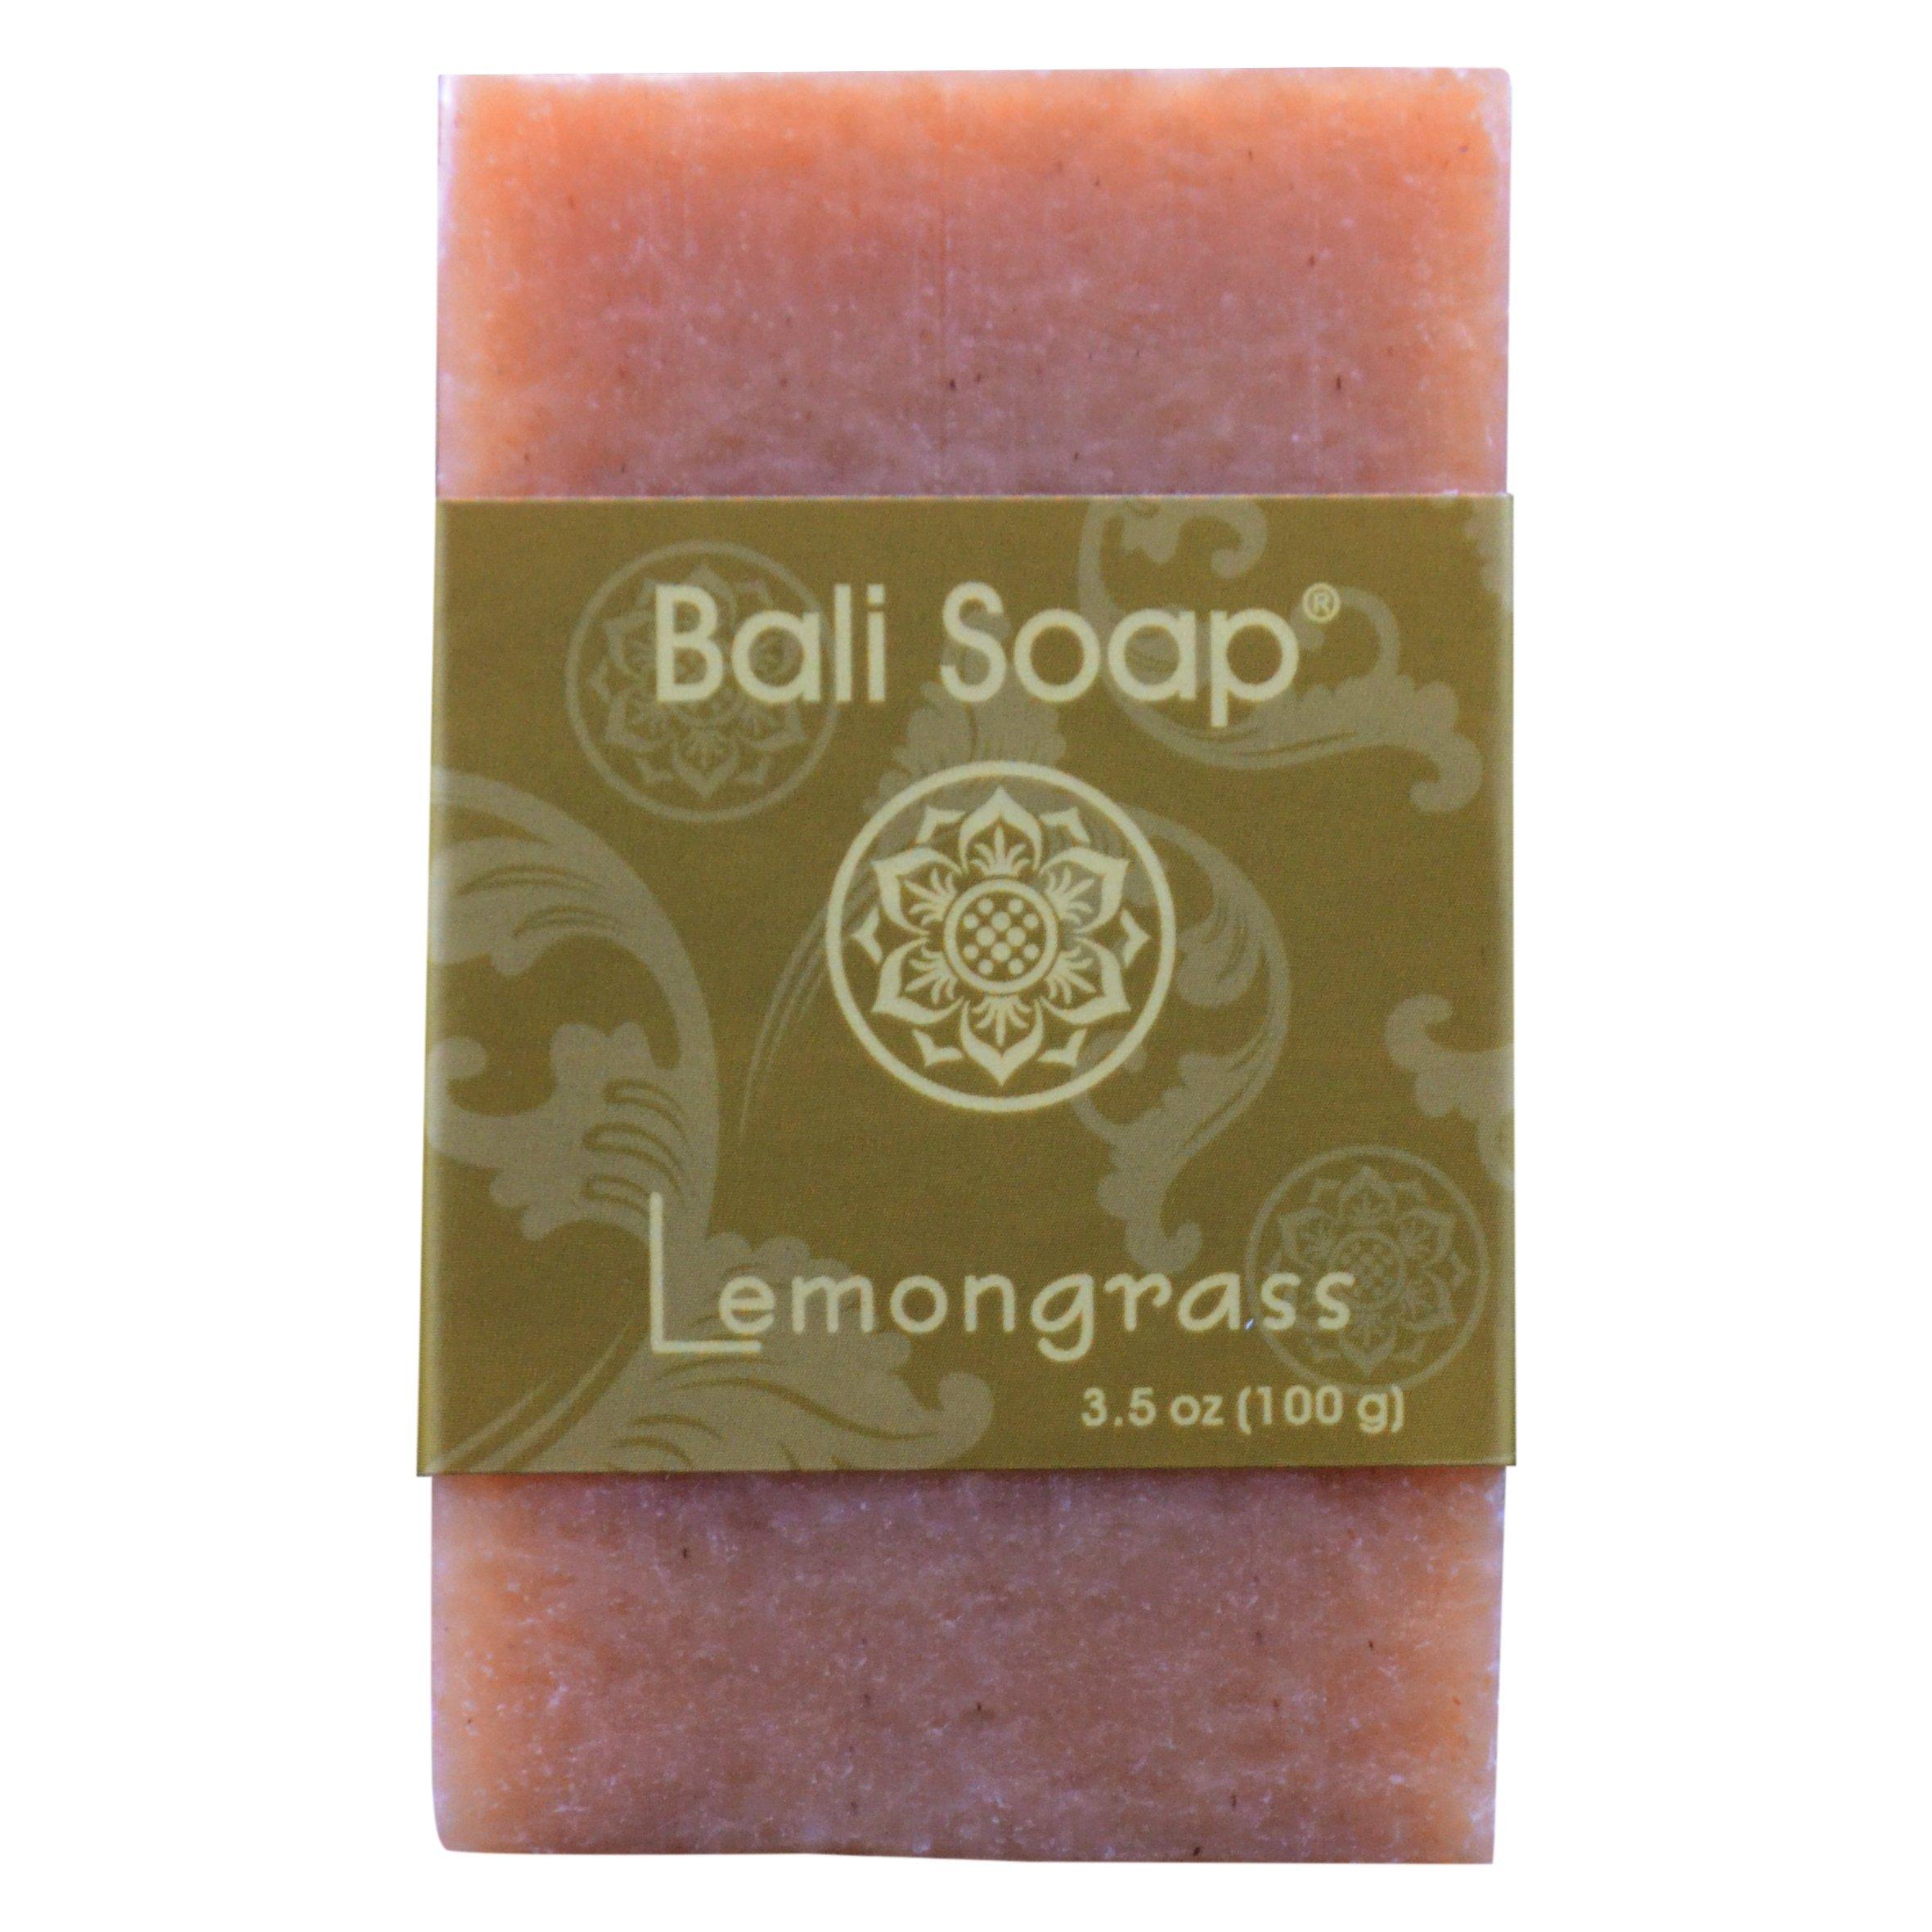 Bali Soap - Lemongrass Natural Soap Bar, Face or Body Soap, Best for All Skin Types, For Women, Men & Teens, Pack of 6, 3.5 Oz each